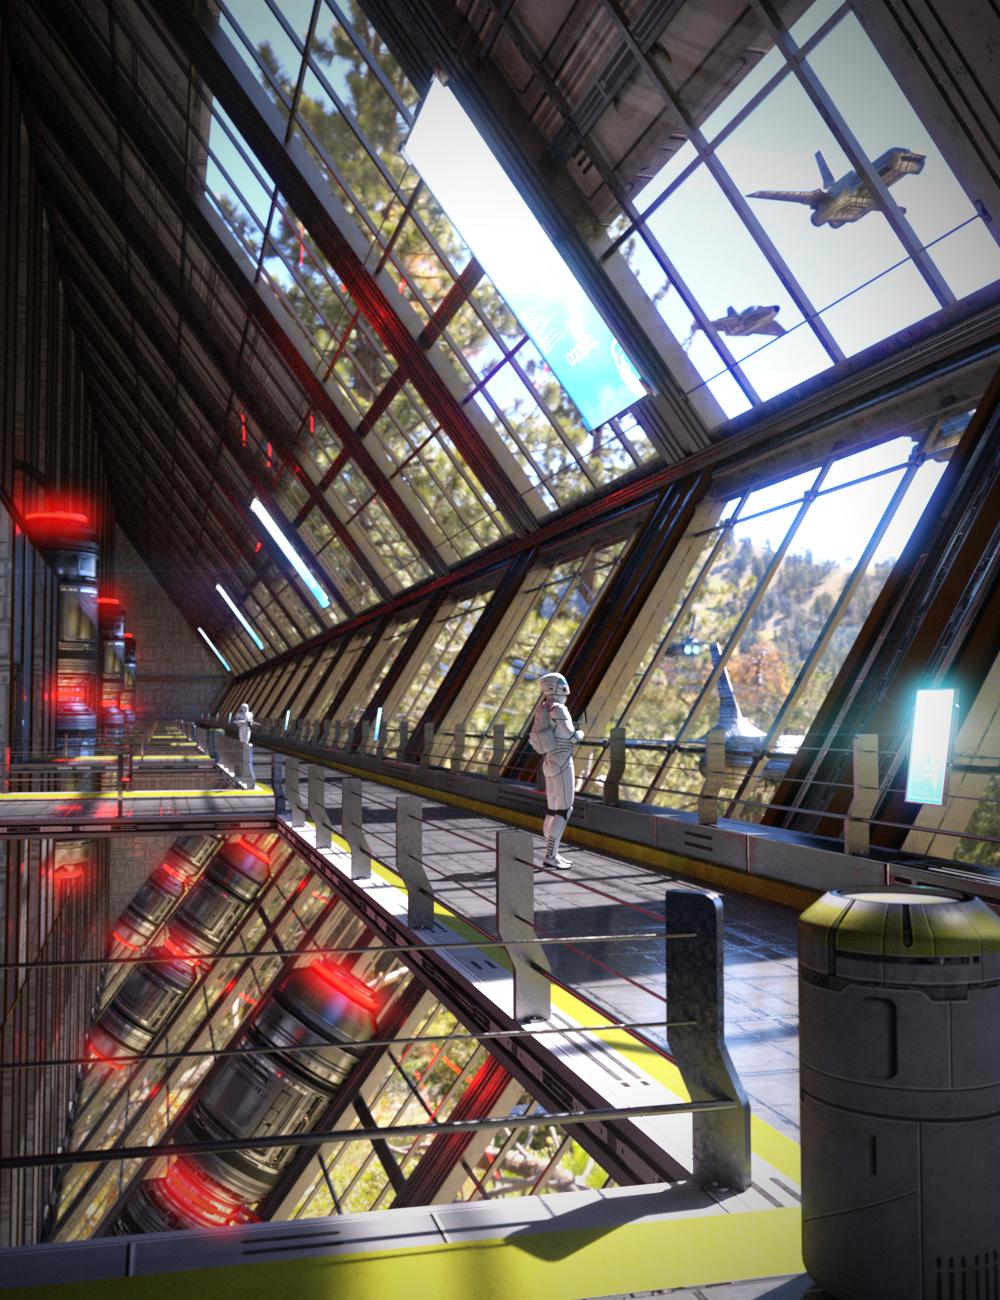 Sci-Fi Bastion by: KindredArts, 3D Models by Daz 3D